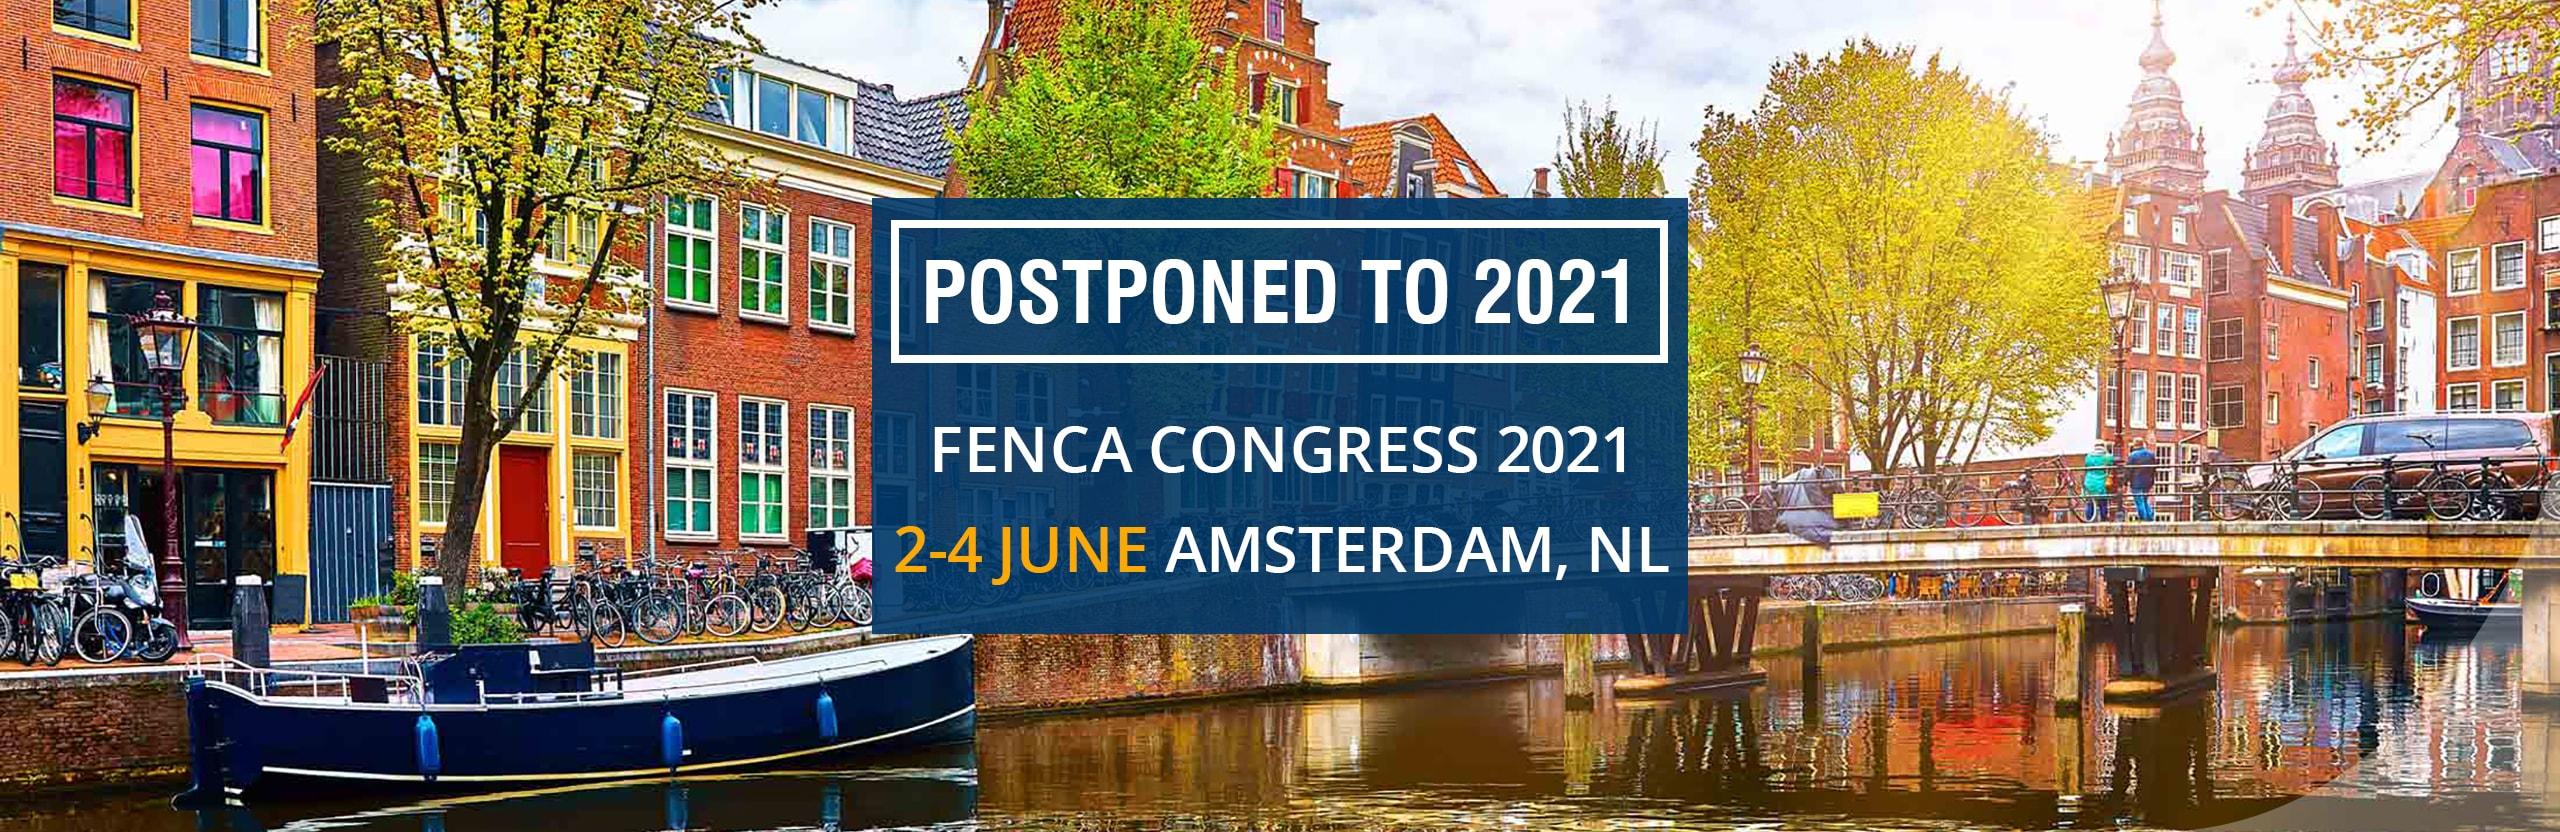 fenca-congress-posponed